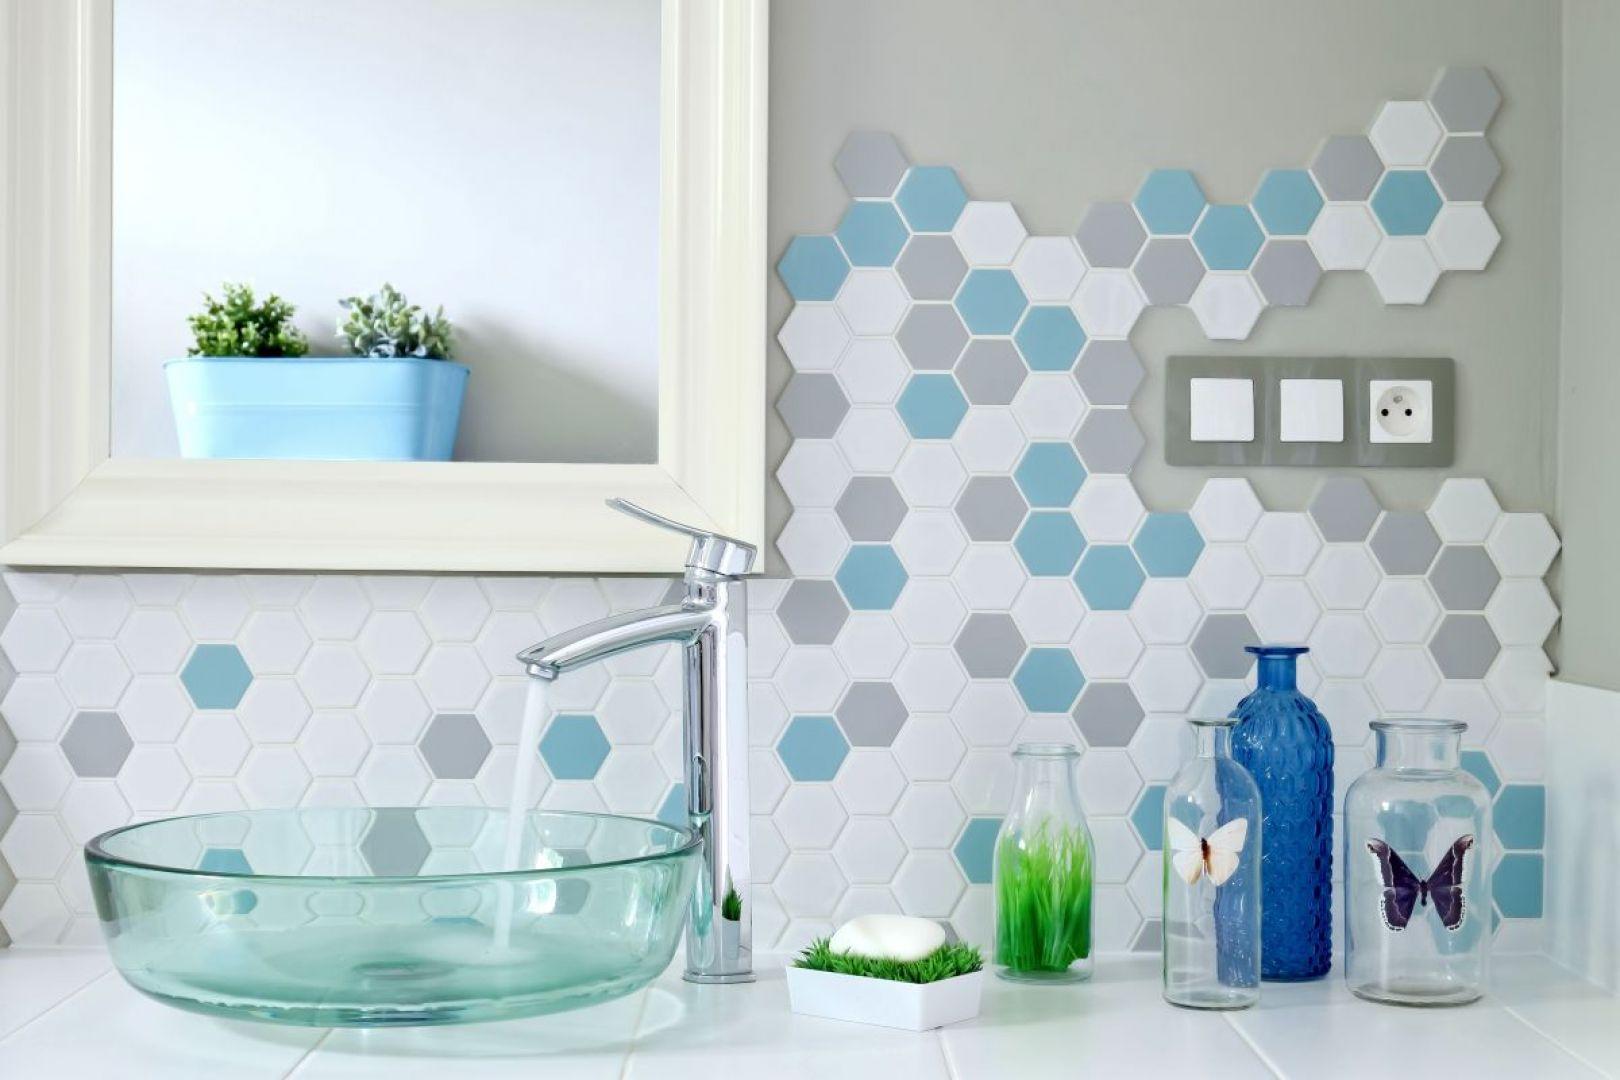 Mozaika Heksagon Duży w różnych kolorach: białym, szarym i miętowym zdobi ścianę nad umywalką. Fot. Raw Decor